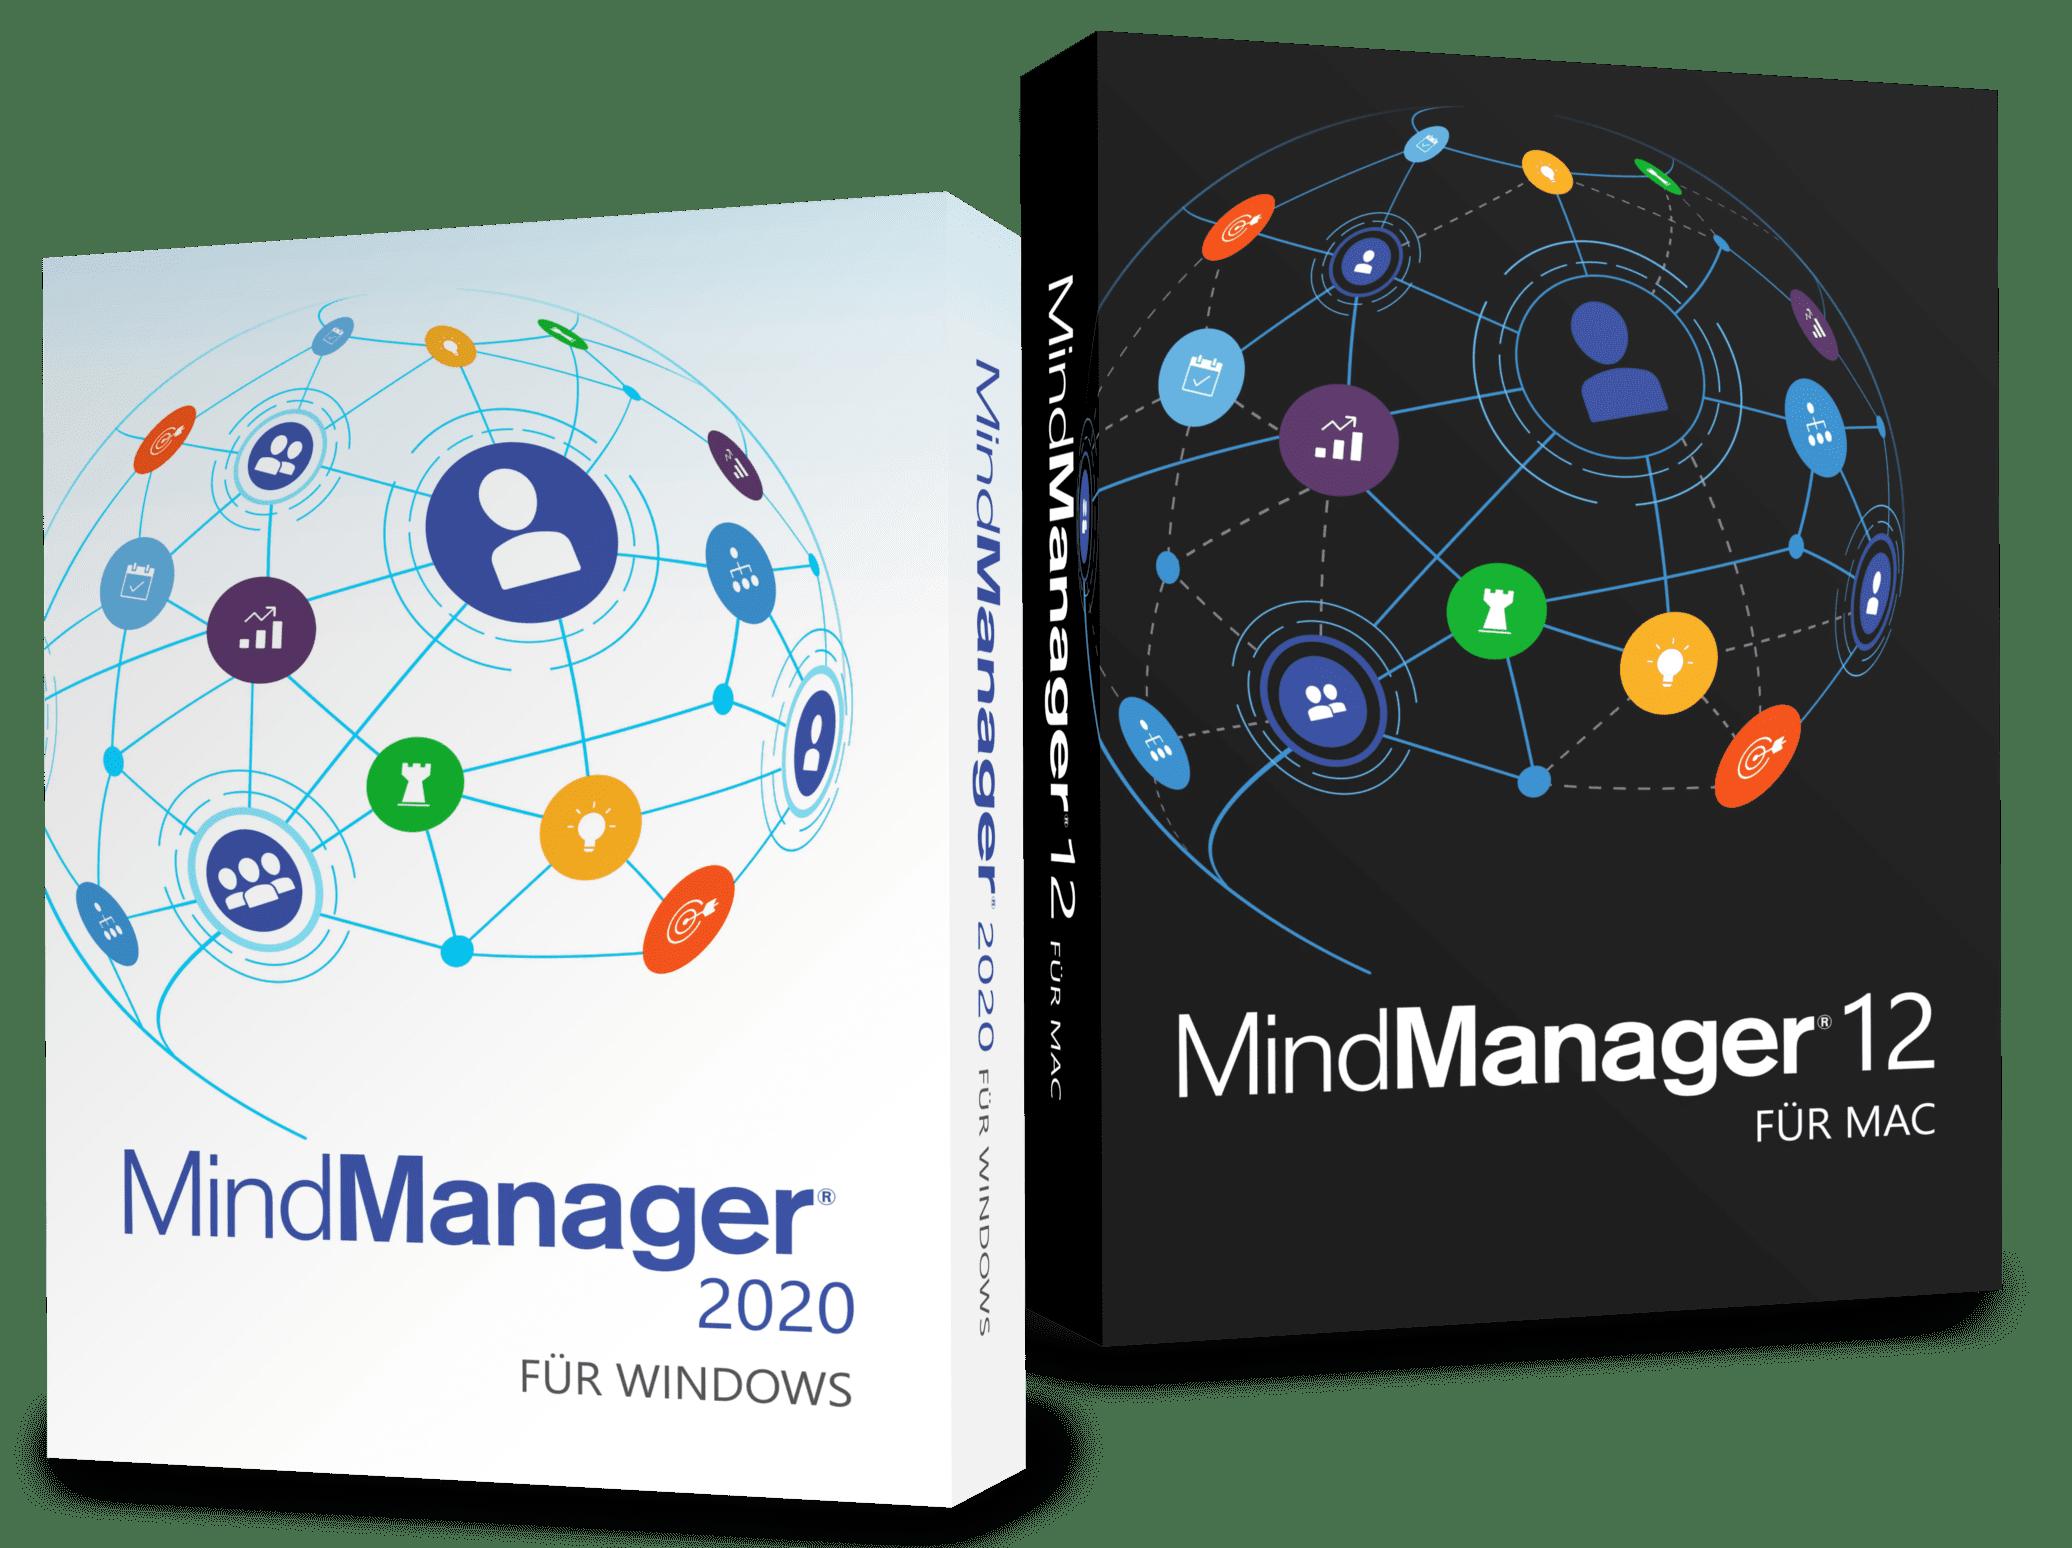 mindmanager-2020-megasoft-special-g%C3%BCnstig-online-kaufen.png